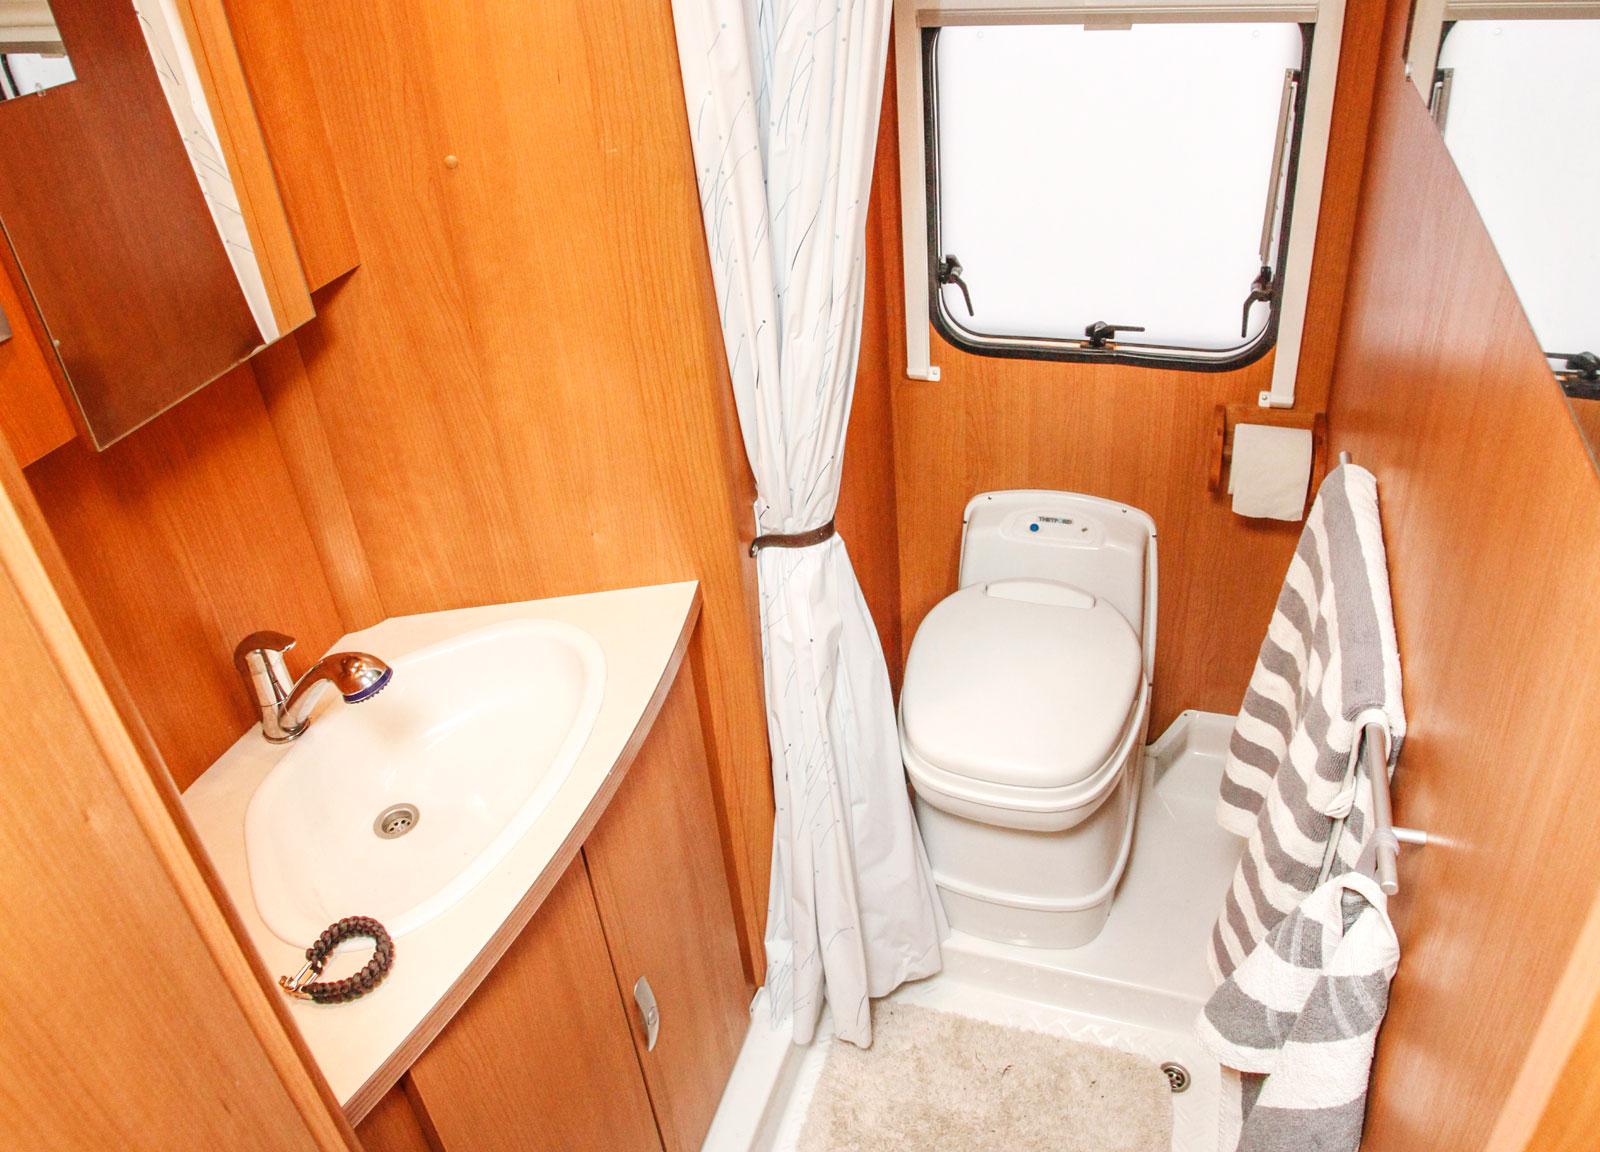 Badrummet används mest till tandborstning då servicehuset finns nära tillhands.